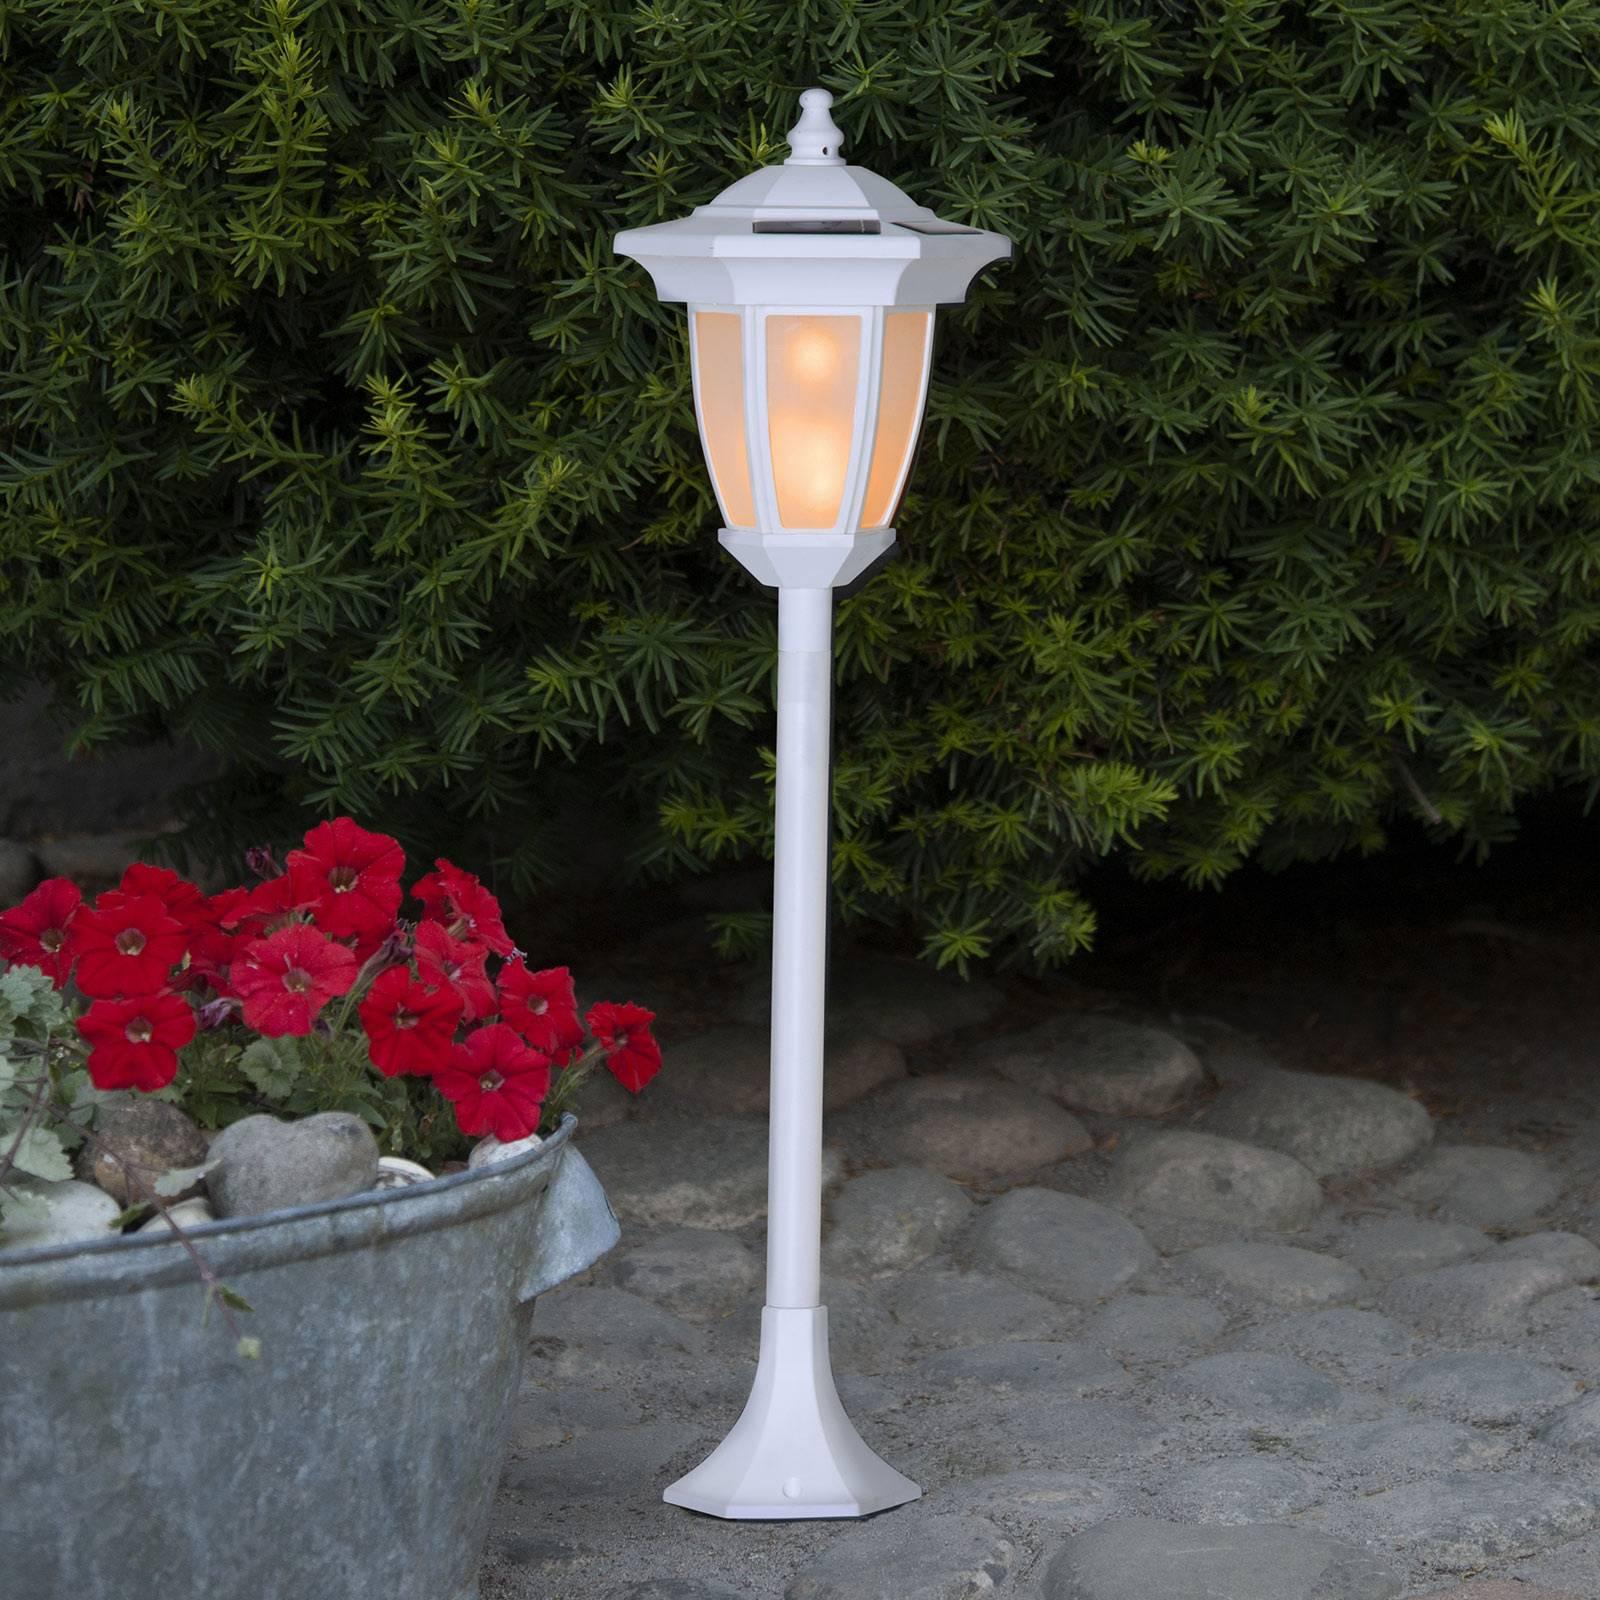 Lampa solarna LED Flame, 4 w 1, biała